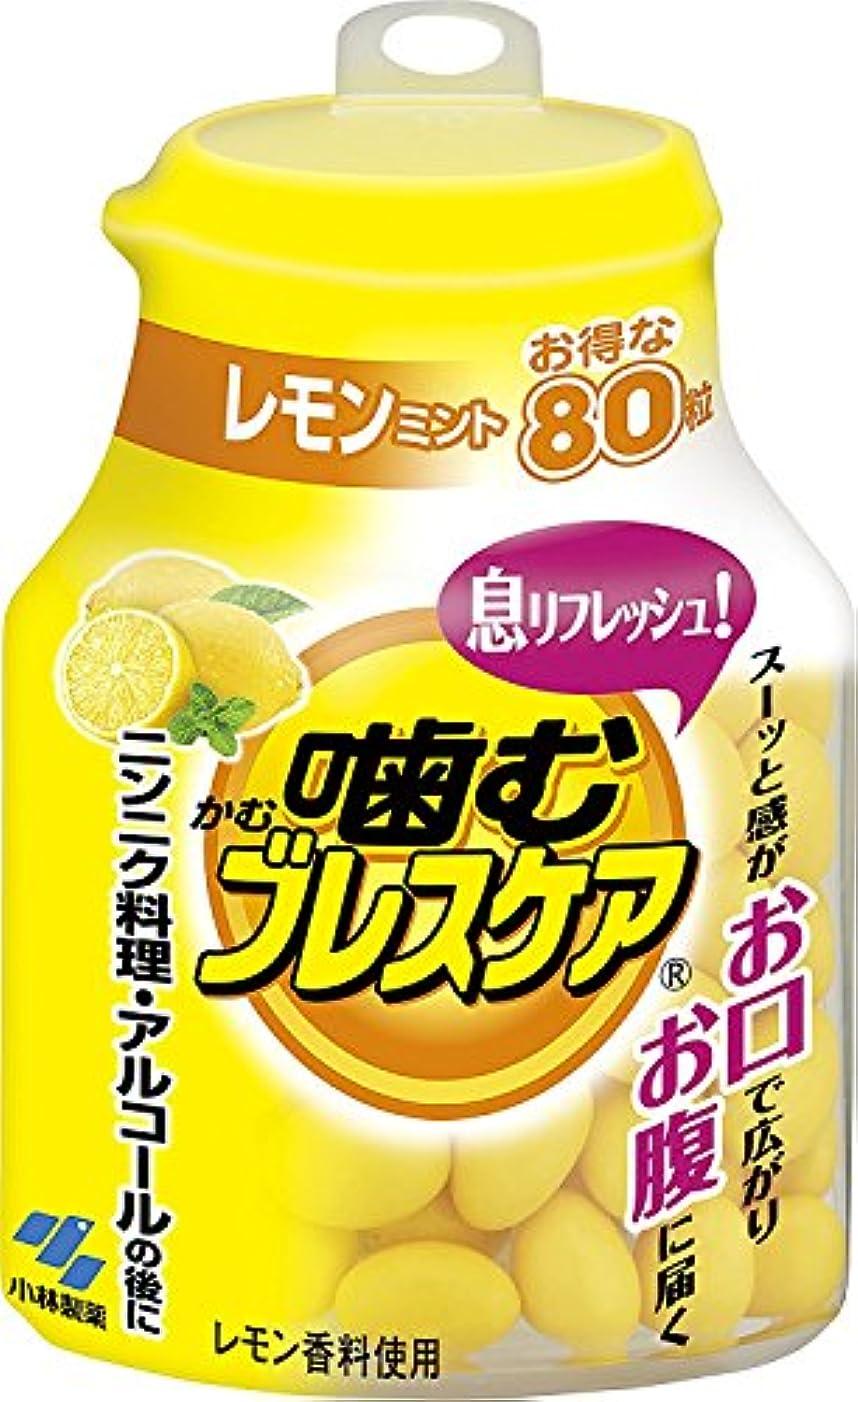 開発合成ナプキン噛むブレスケア 息リフレッシュグミ レモンミント ボトルタイプ お得な80粒